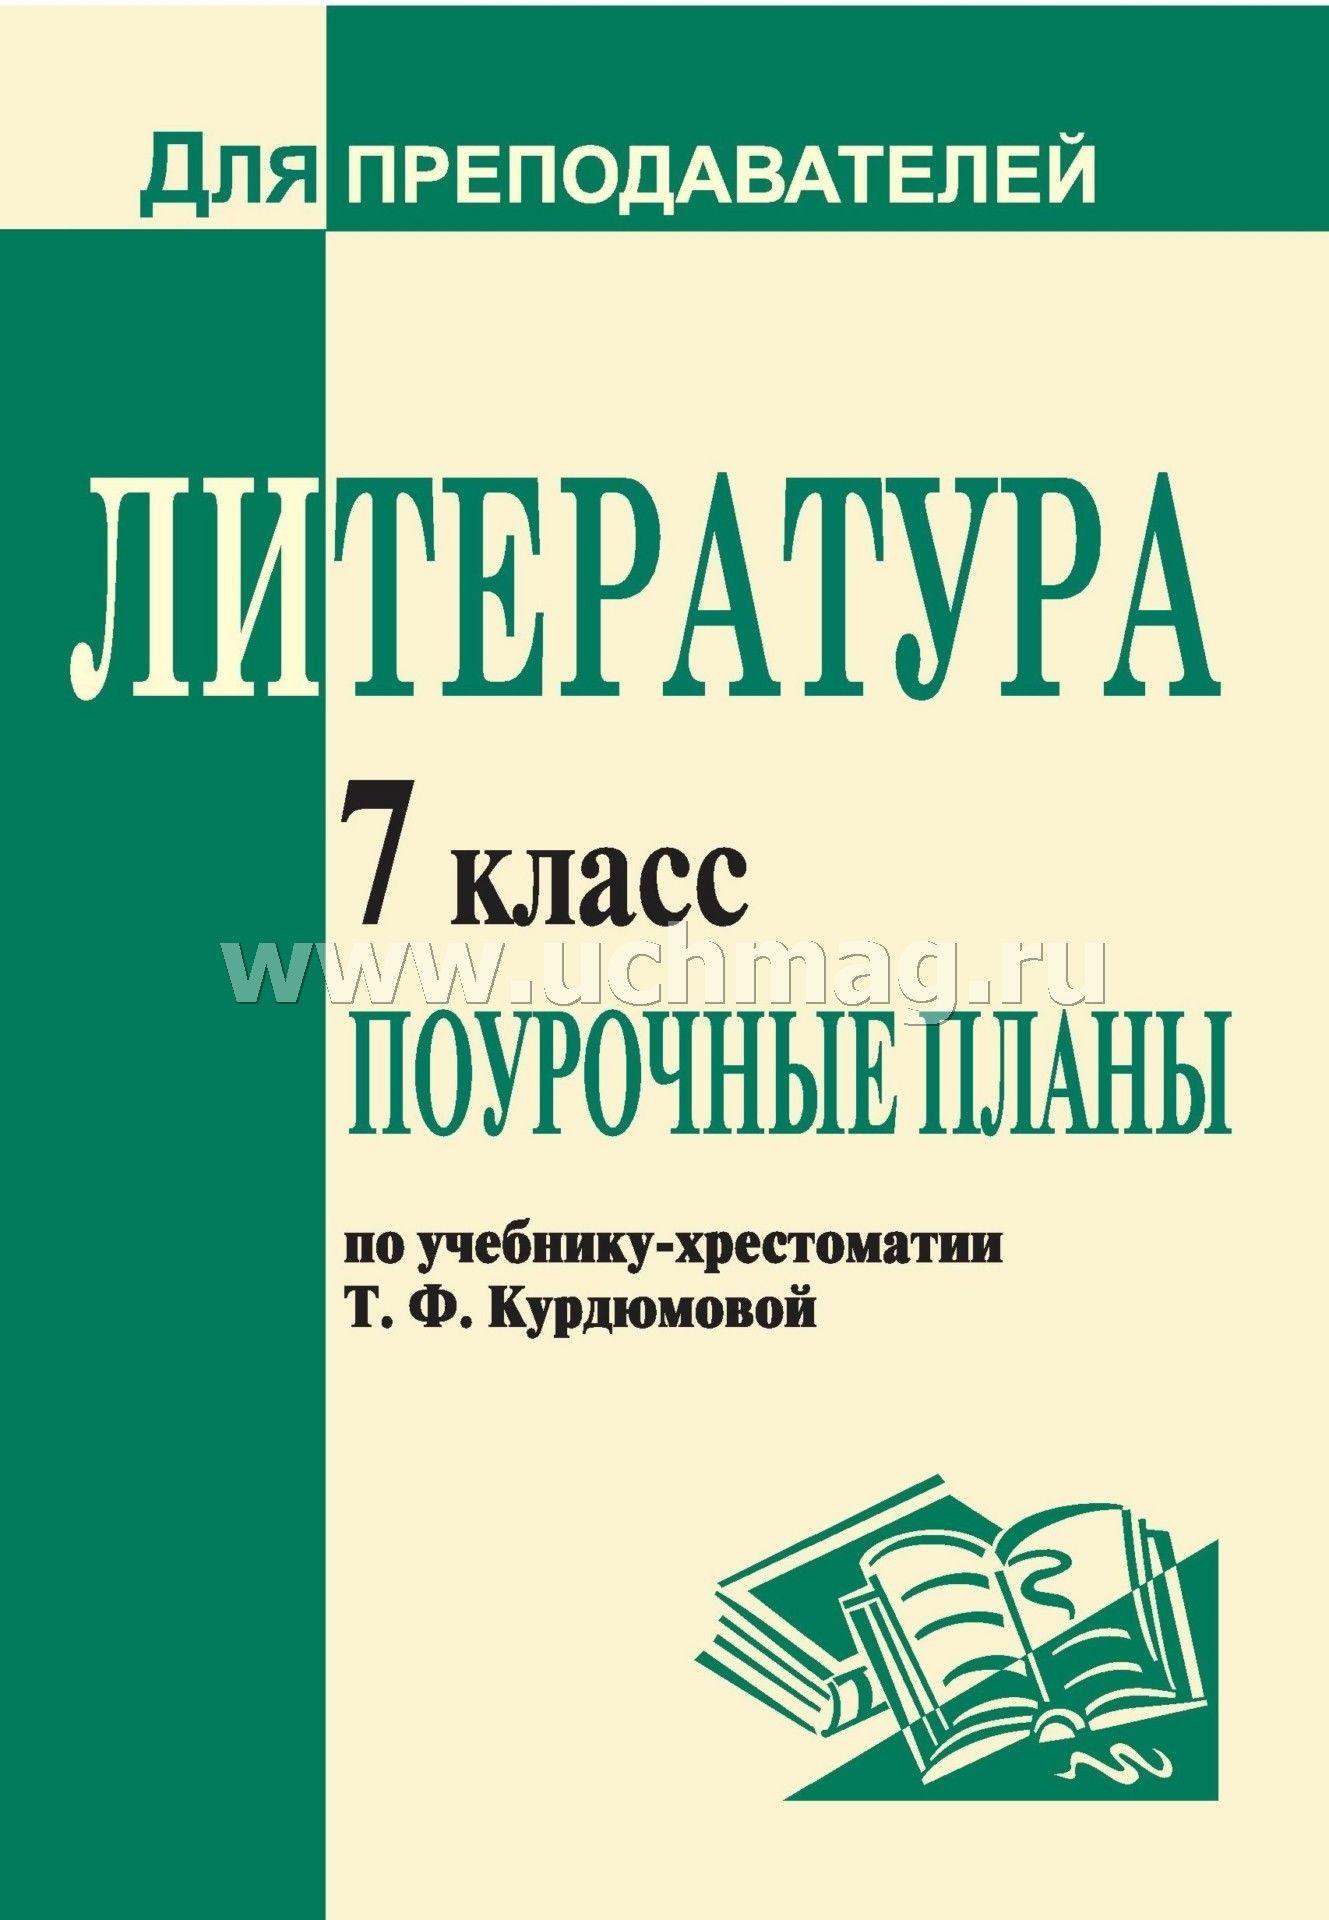 Тесты по русскому языку по тме сказуемое 8 класс